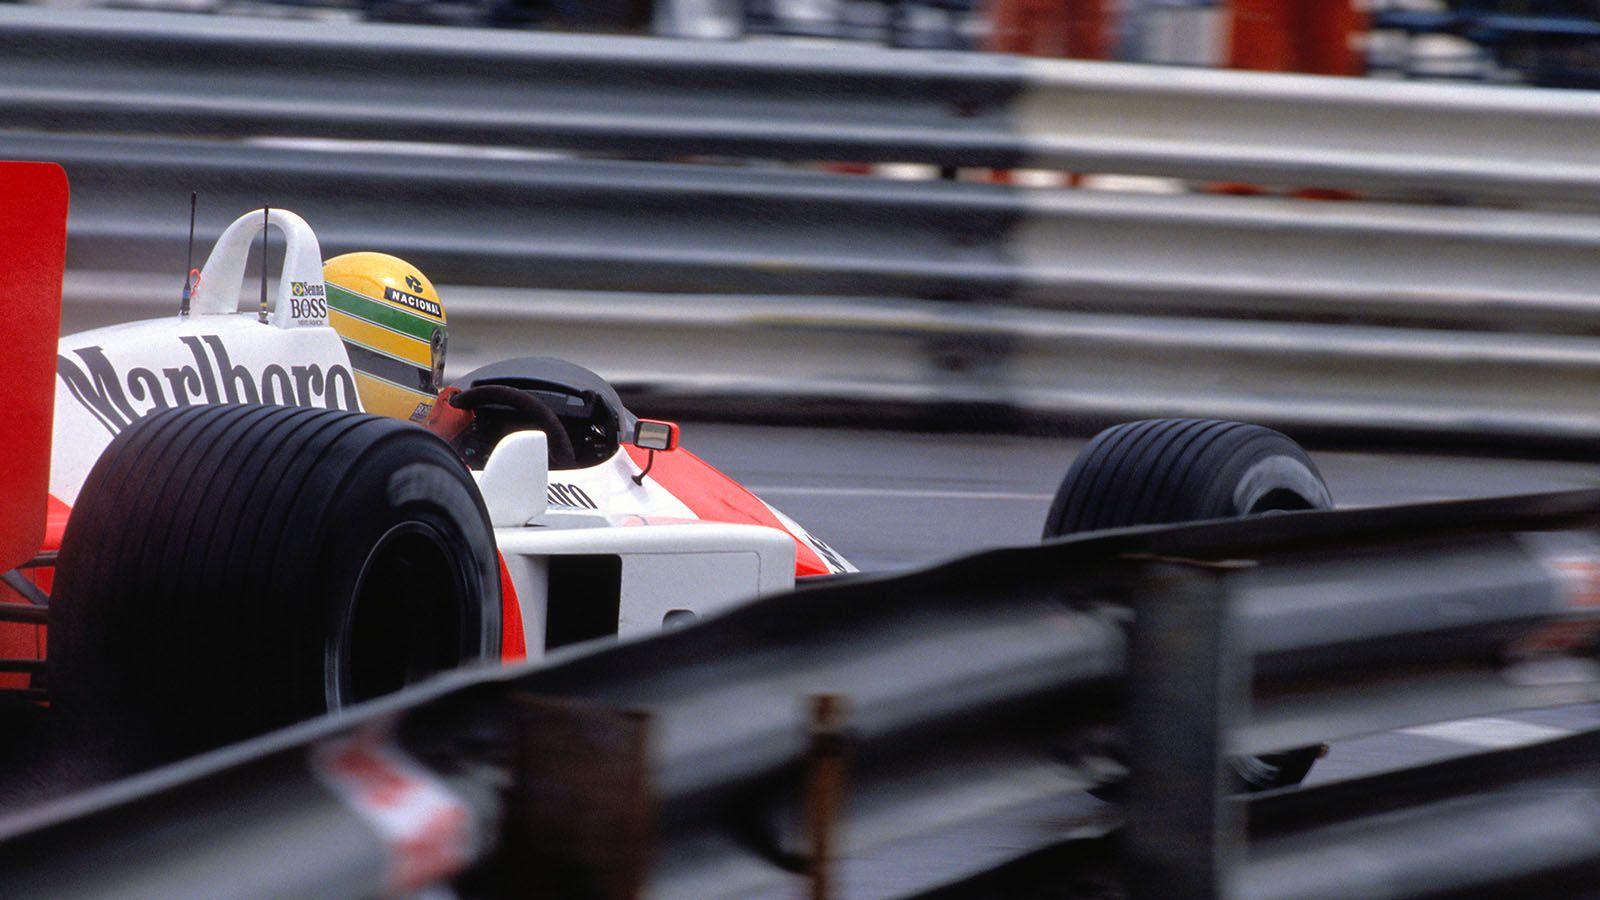 McLaren Racing - Sensational Senna in Monaco